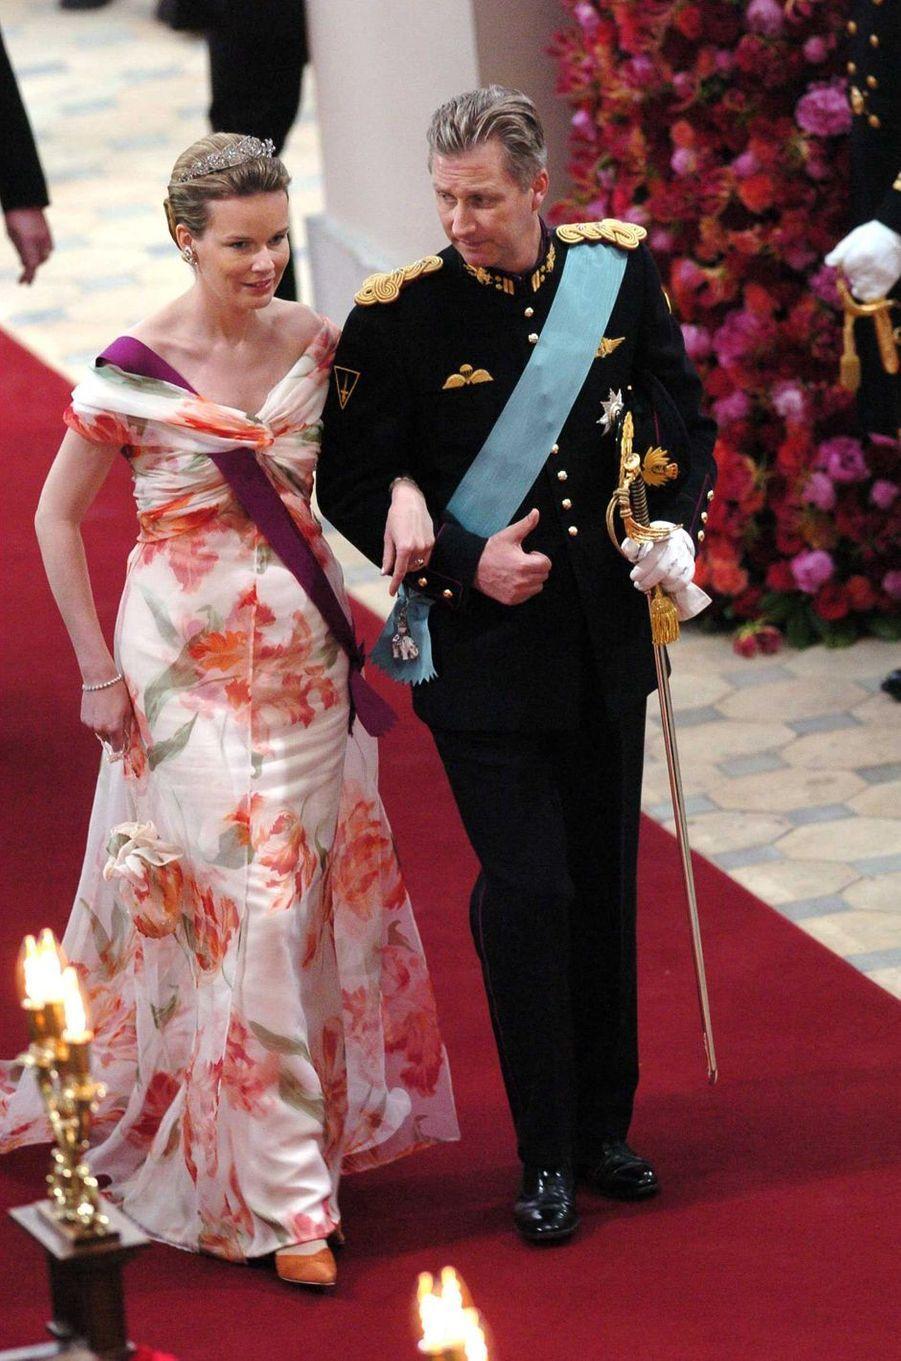 La princesse Mathilde et le prince Philippe de Belgique à Copenhague, le 14 mai 2004